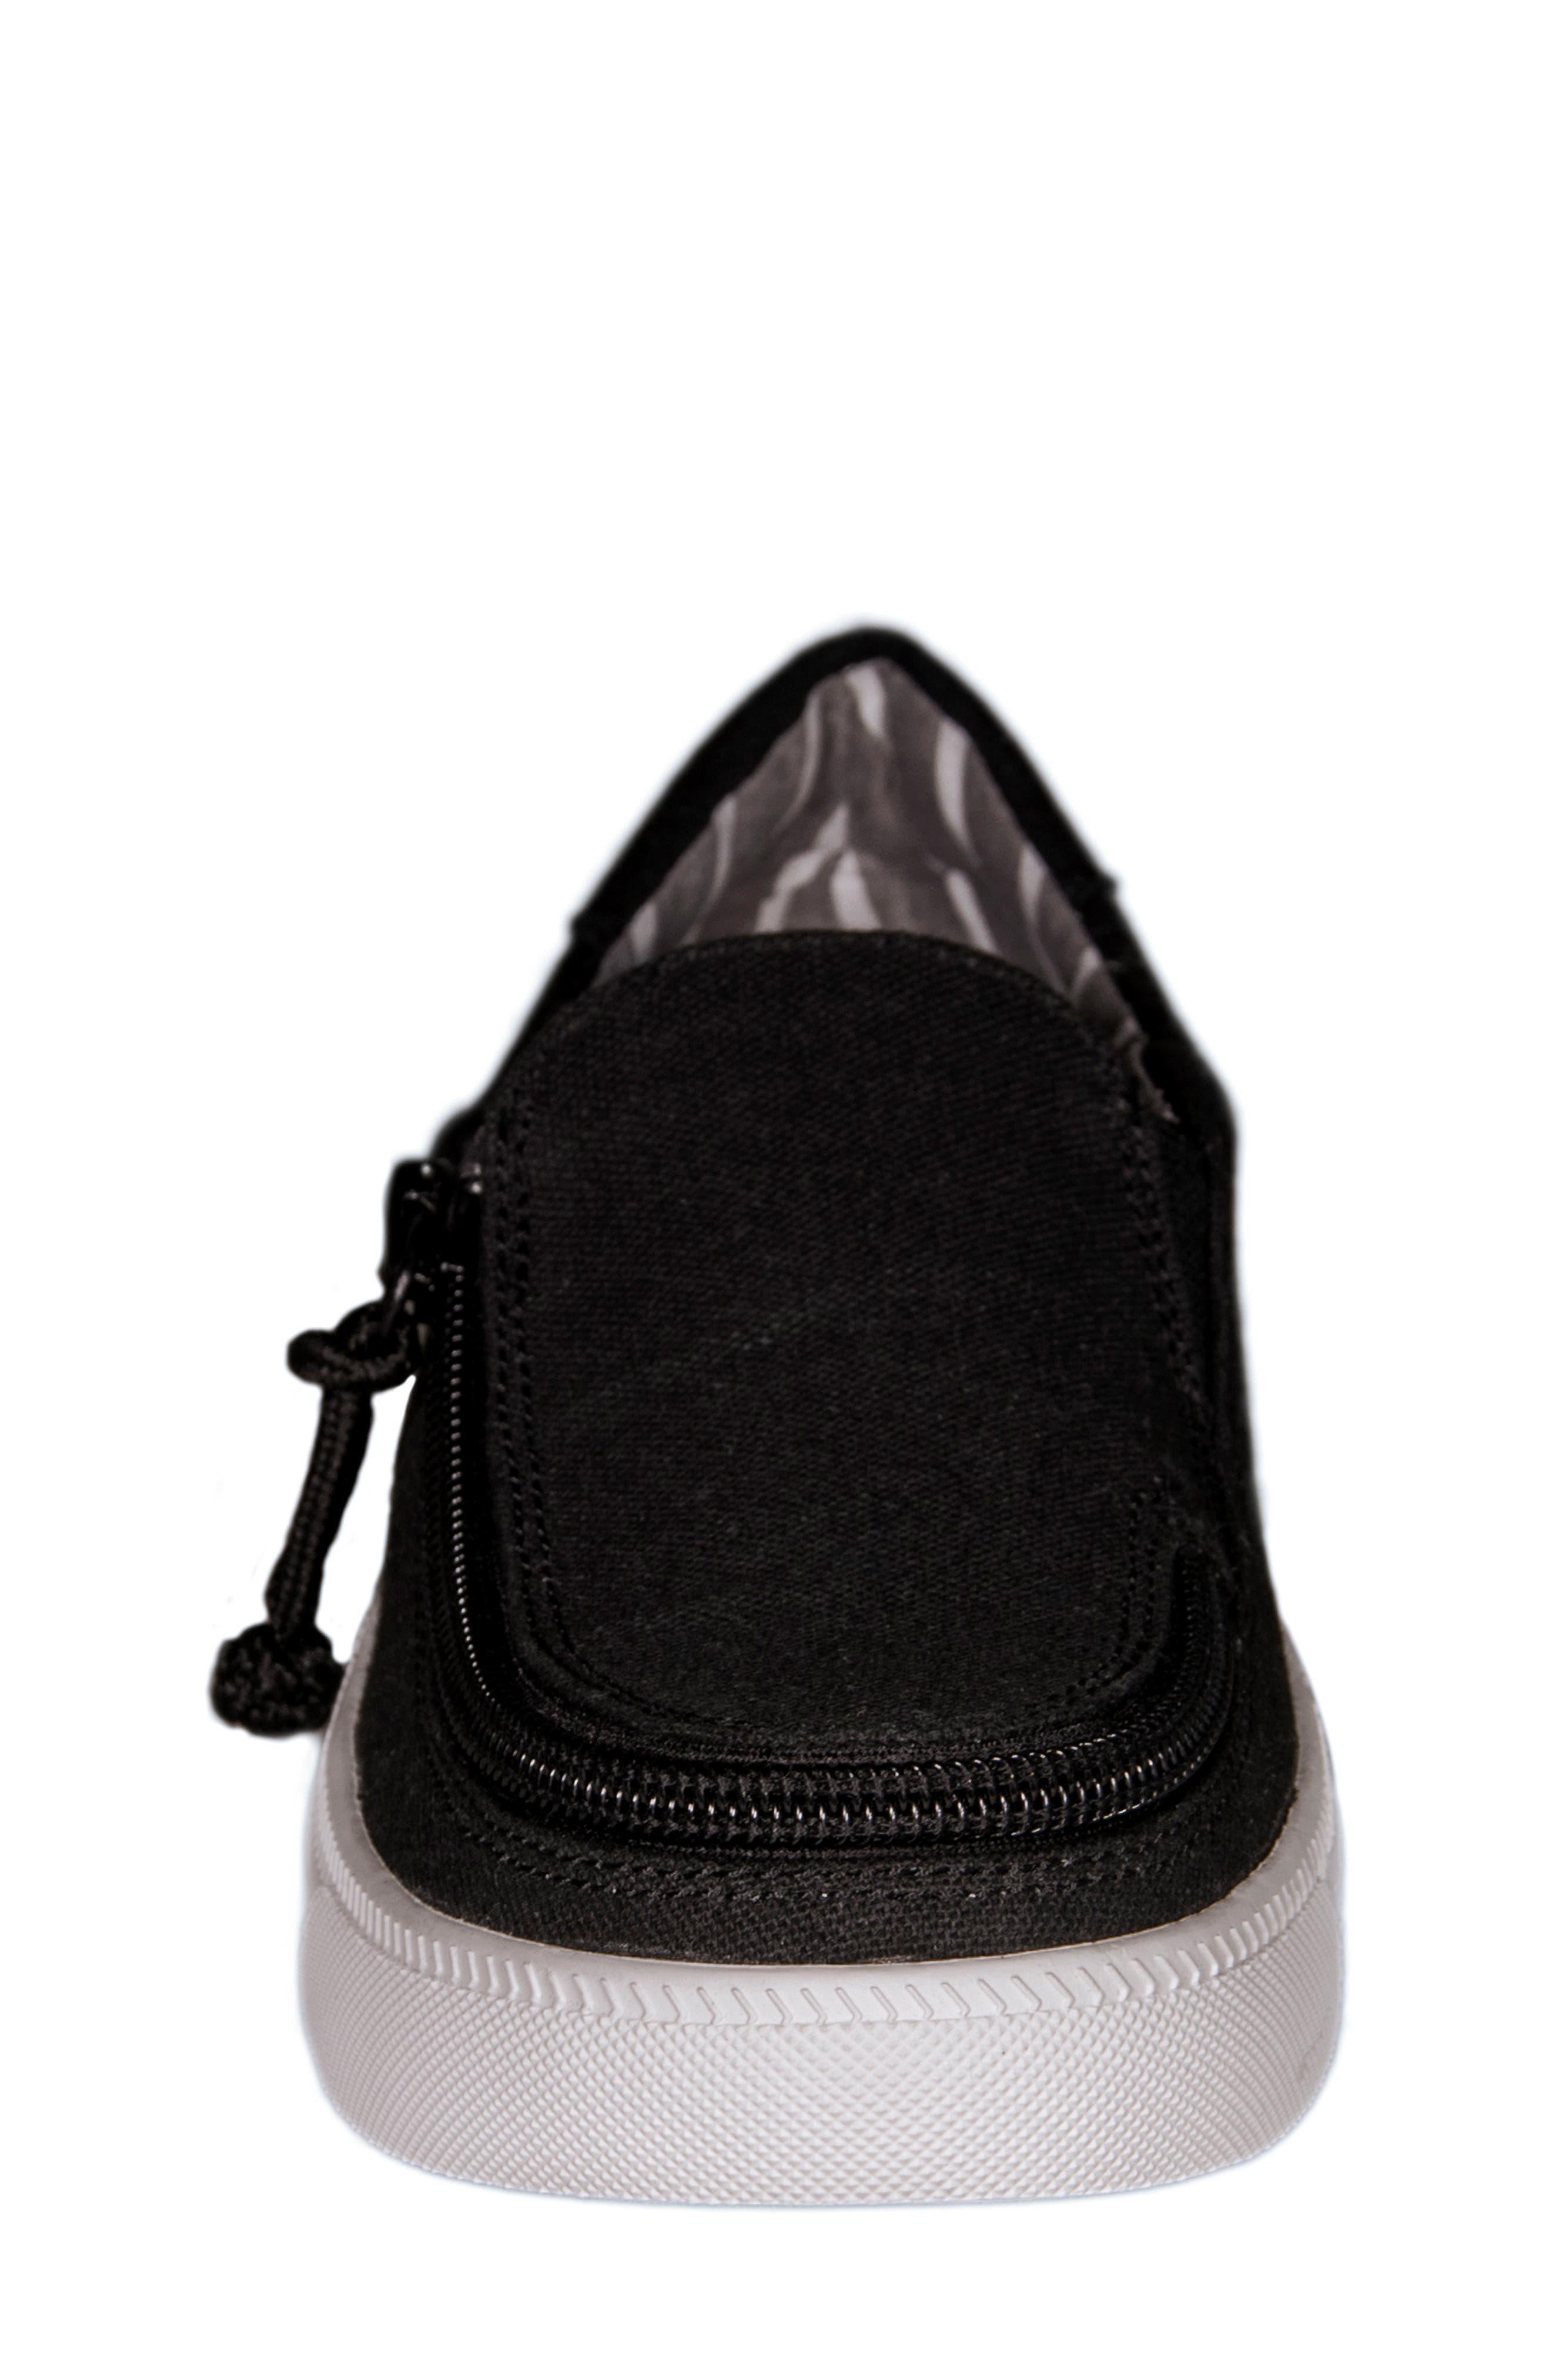 Alternate Image 3  - BILLY Footwear Zip Around Low Top Sneaker (Toddler, Little Kid & Big Kid)